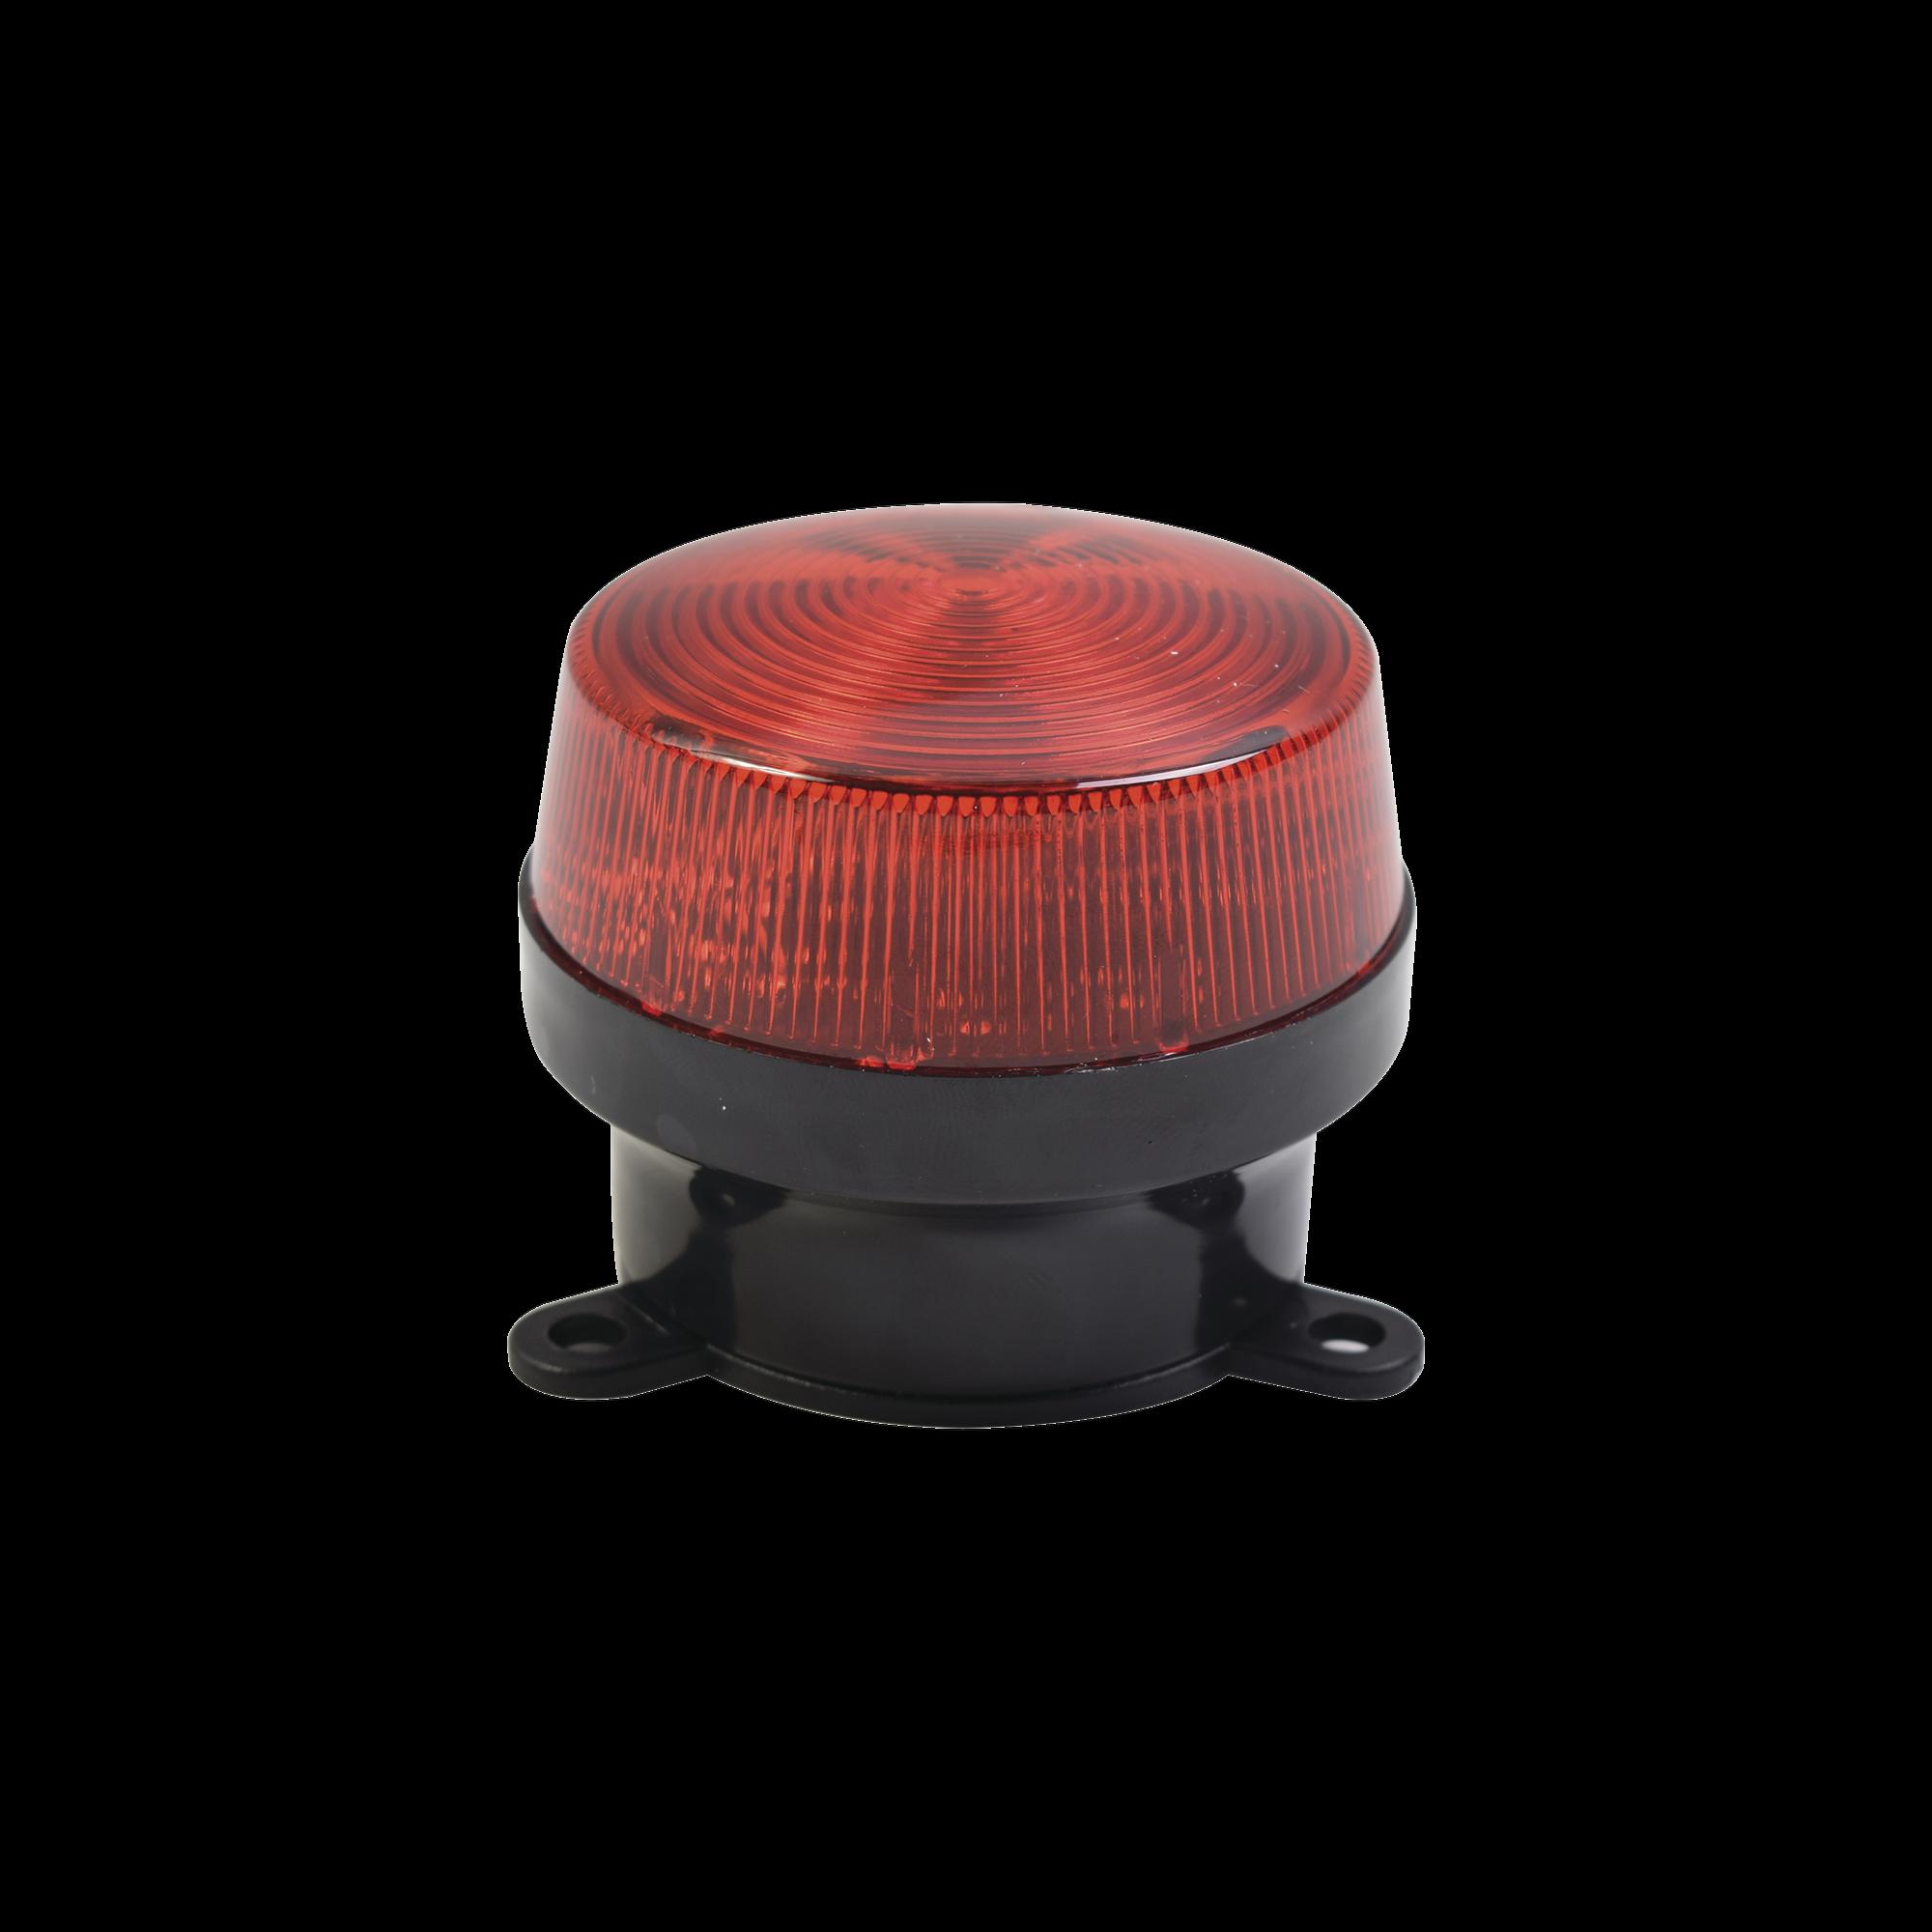 Mini estrobo color Rojo con montaje de pestaña.